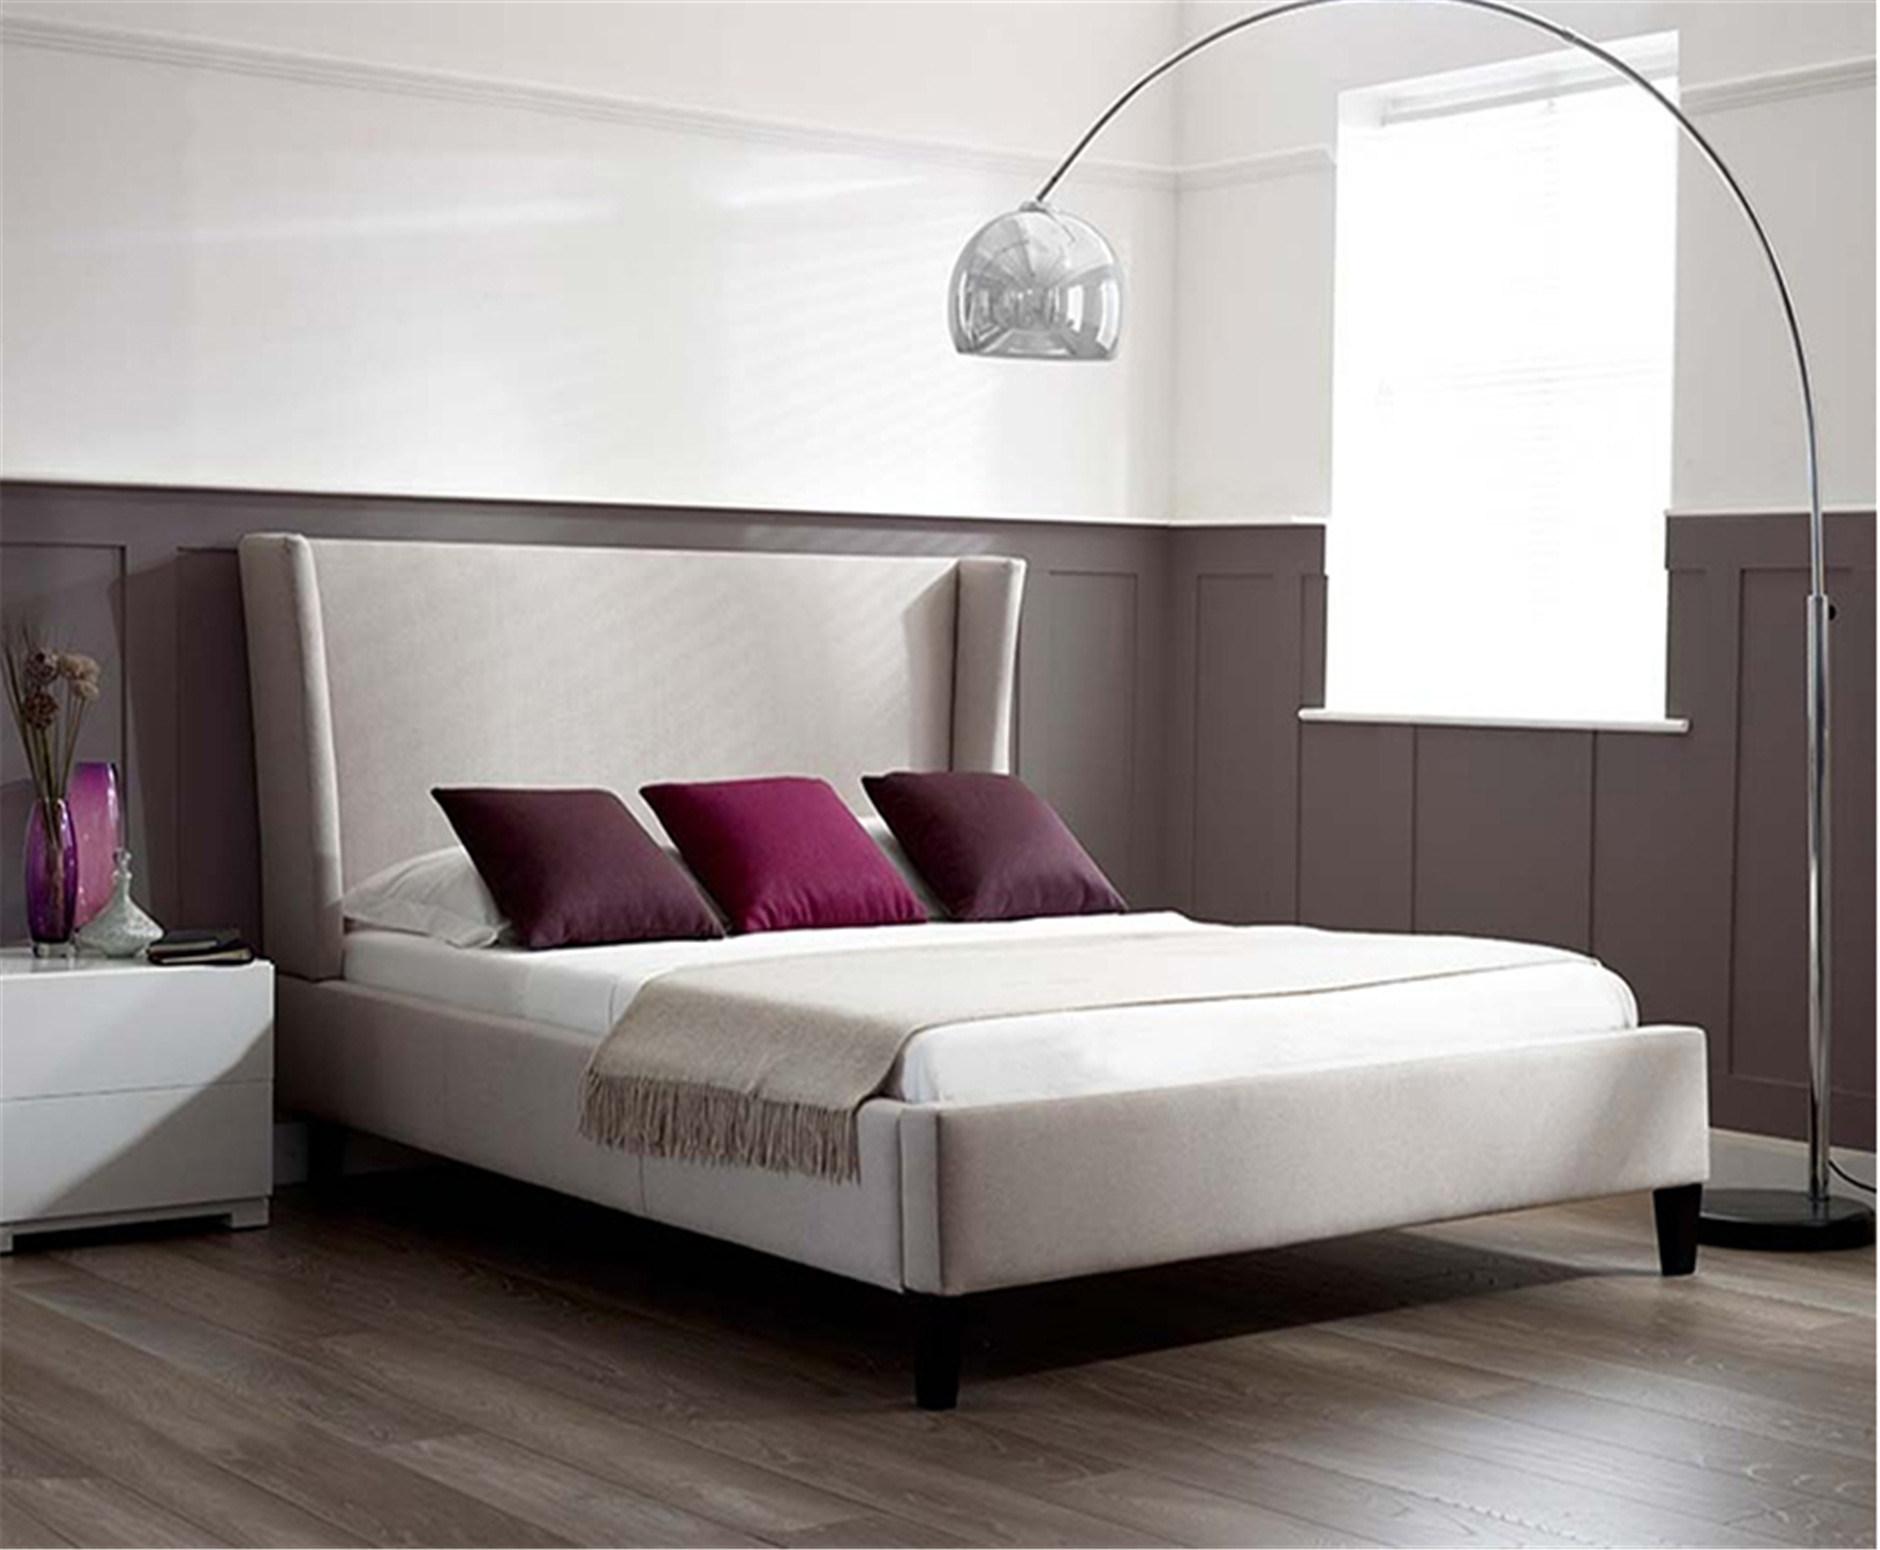 Muebles de Dormitorio Dormitorio cama – Muebles de Dormitorio ...